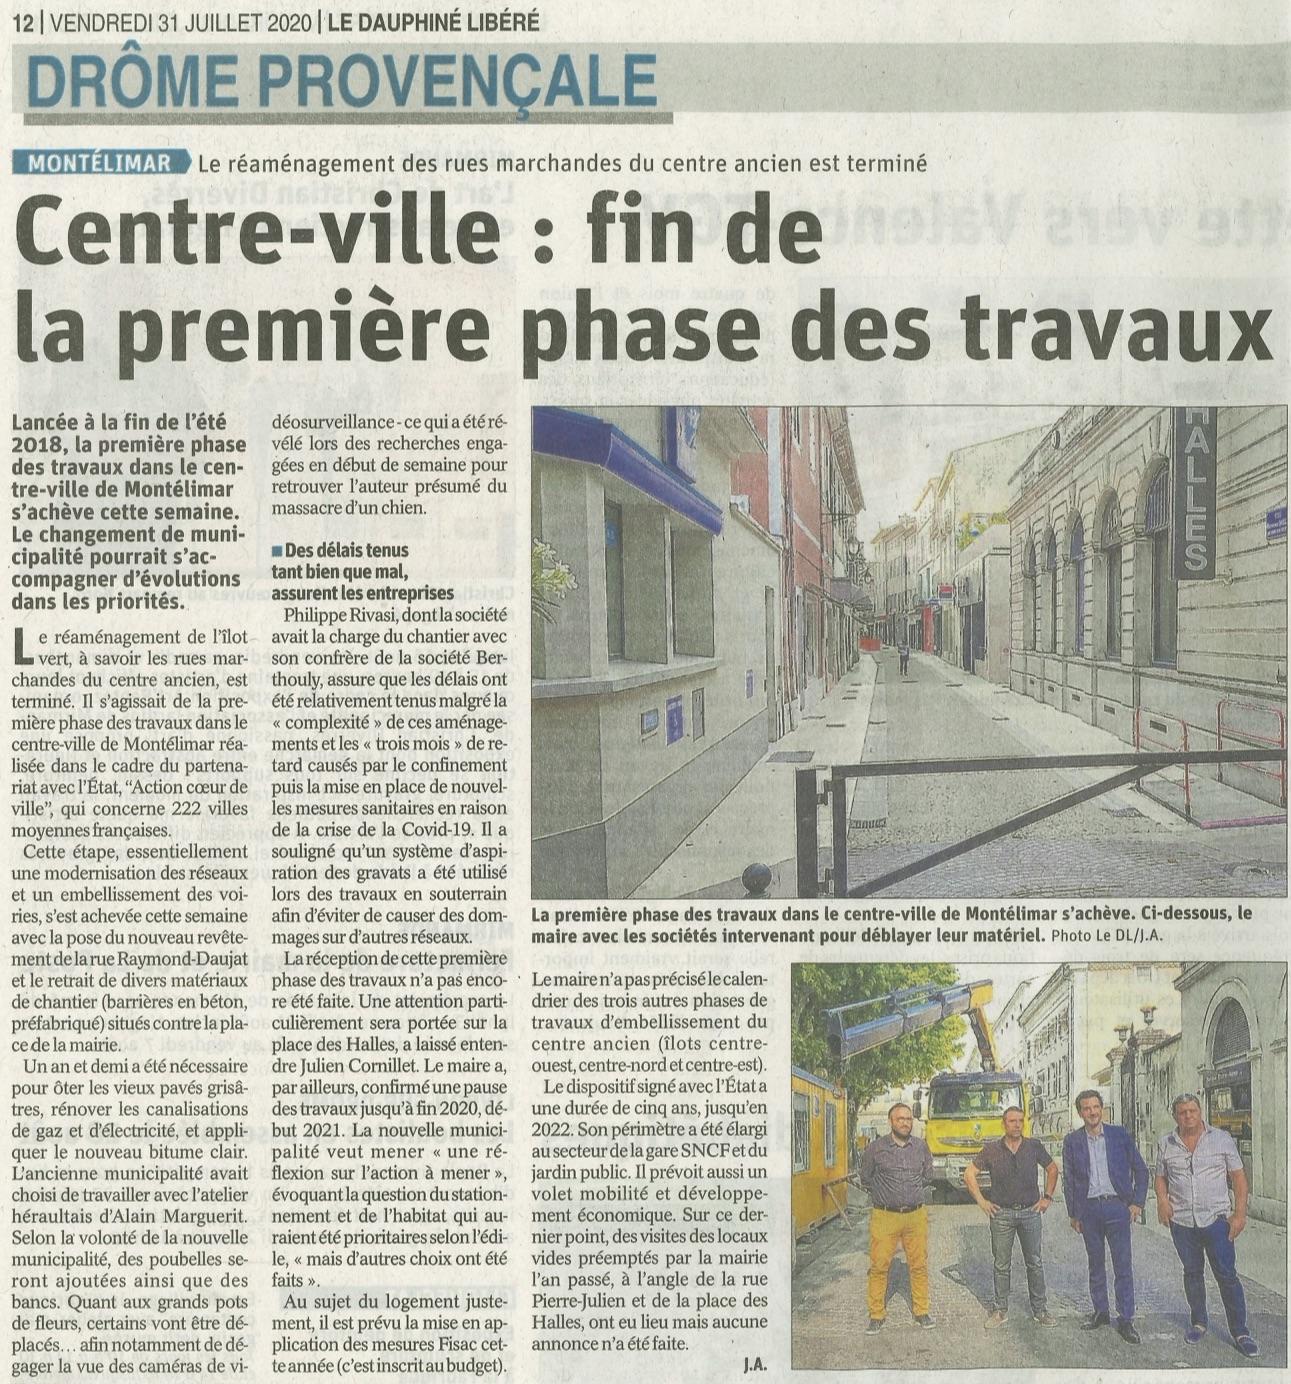 Rivasi Dauphiné Libéré Montélimar Centre ville fin de la première phase de travaux